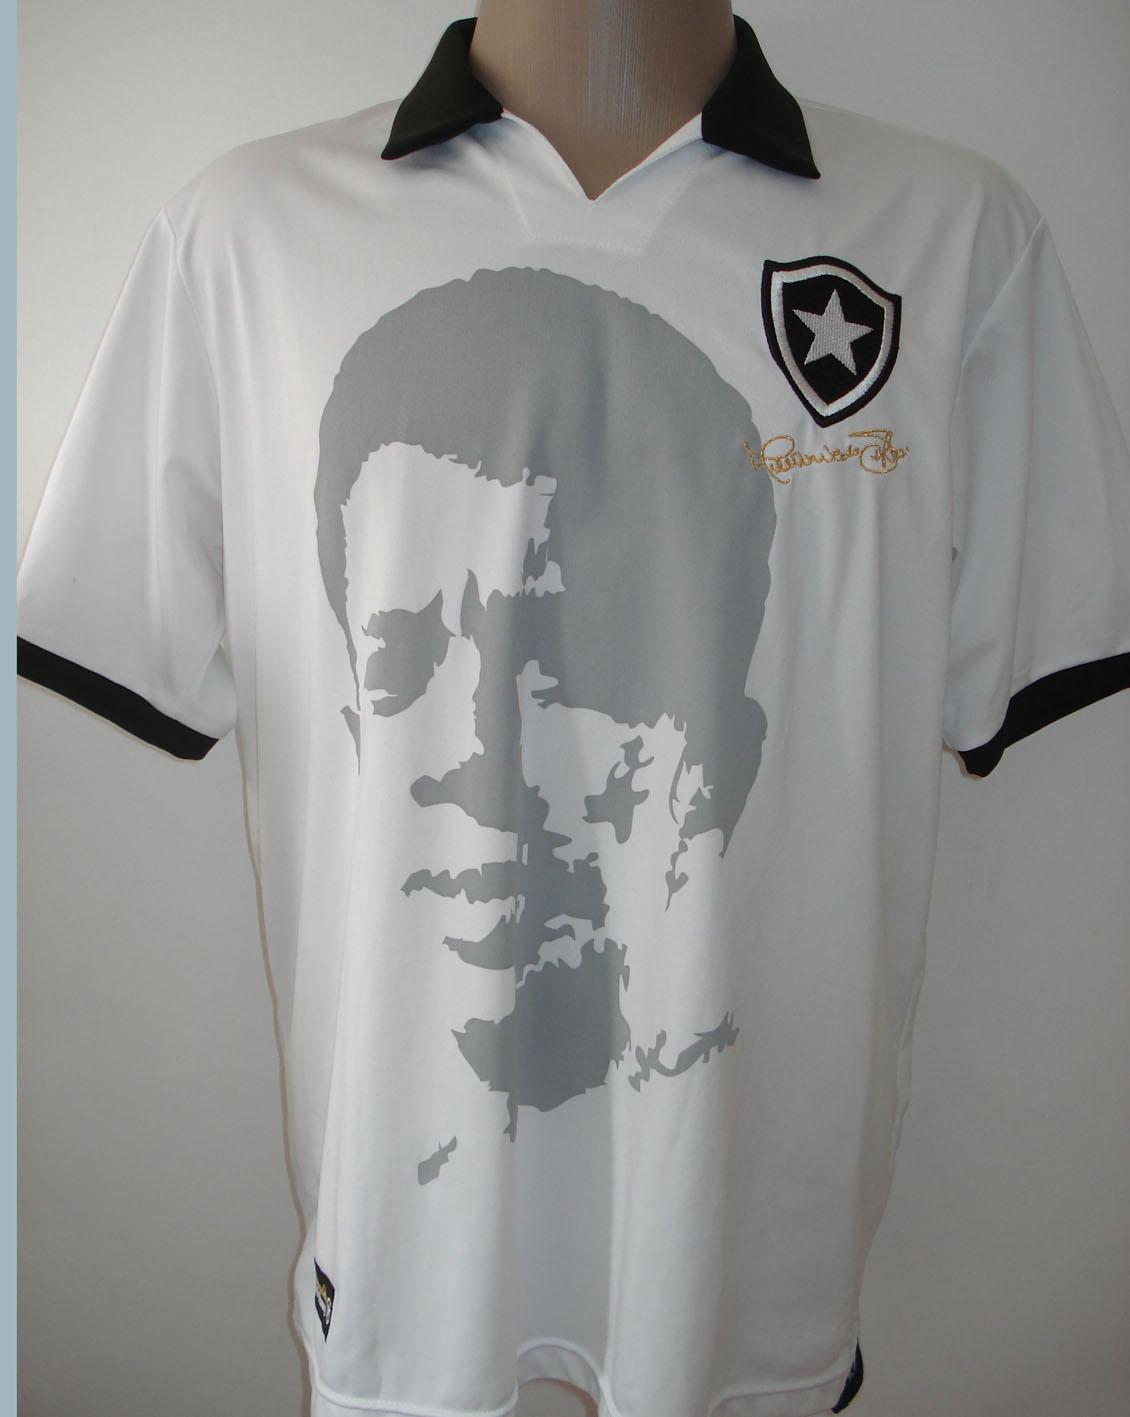 Camisas do Botafogo  Camisas do Botafogo - 42 - Homenagem ao ... ab64d1bd525a4